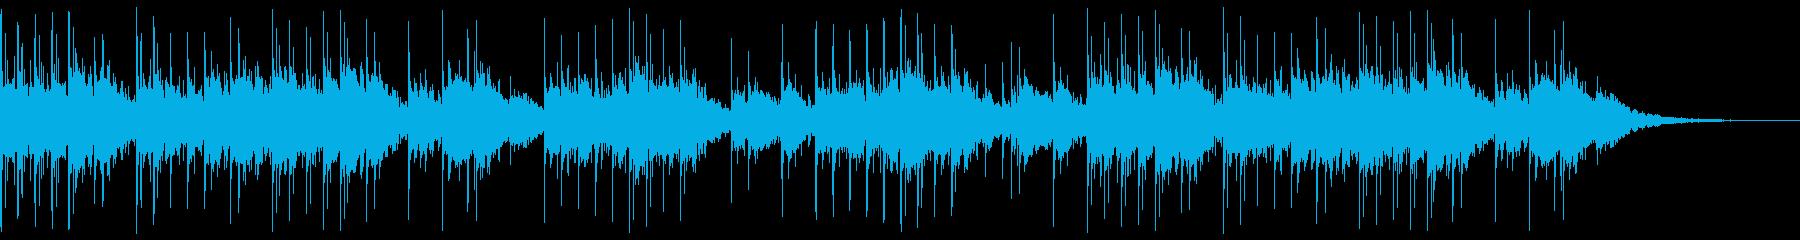 不穏なシーン向けの静かなオルゴール曲の再生済みの波形